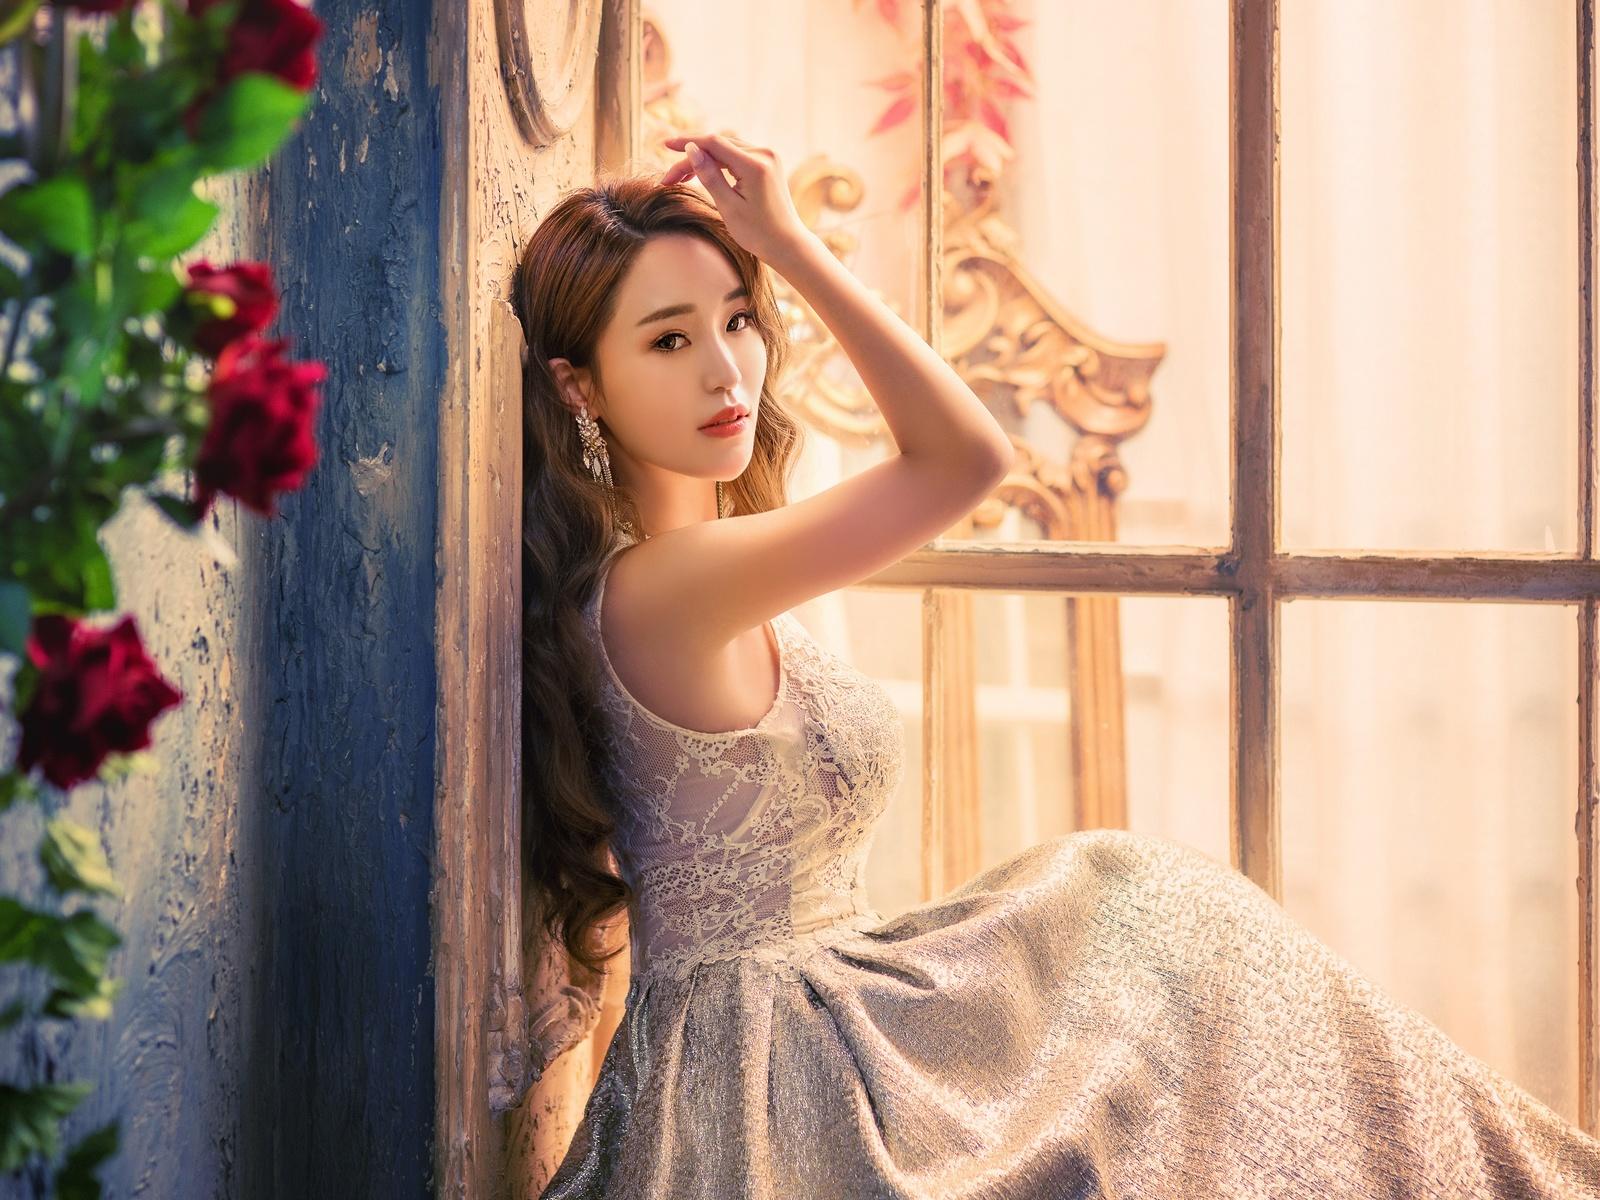 девушка, шатенка, локоны, взгляд, платье, поза, рука, окно, цветы, розы